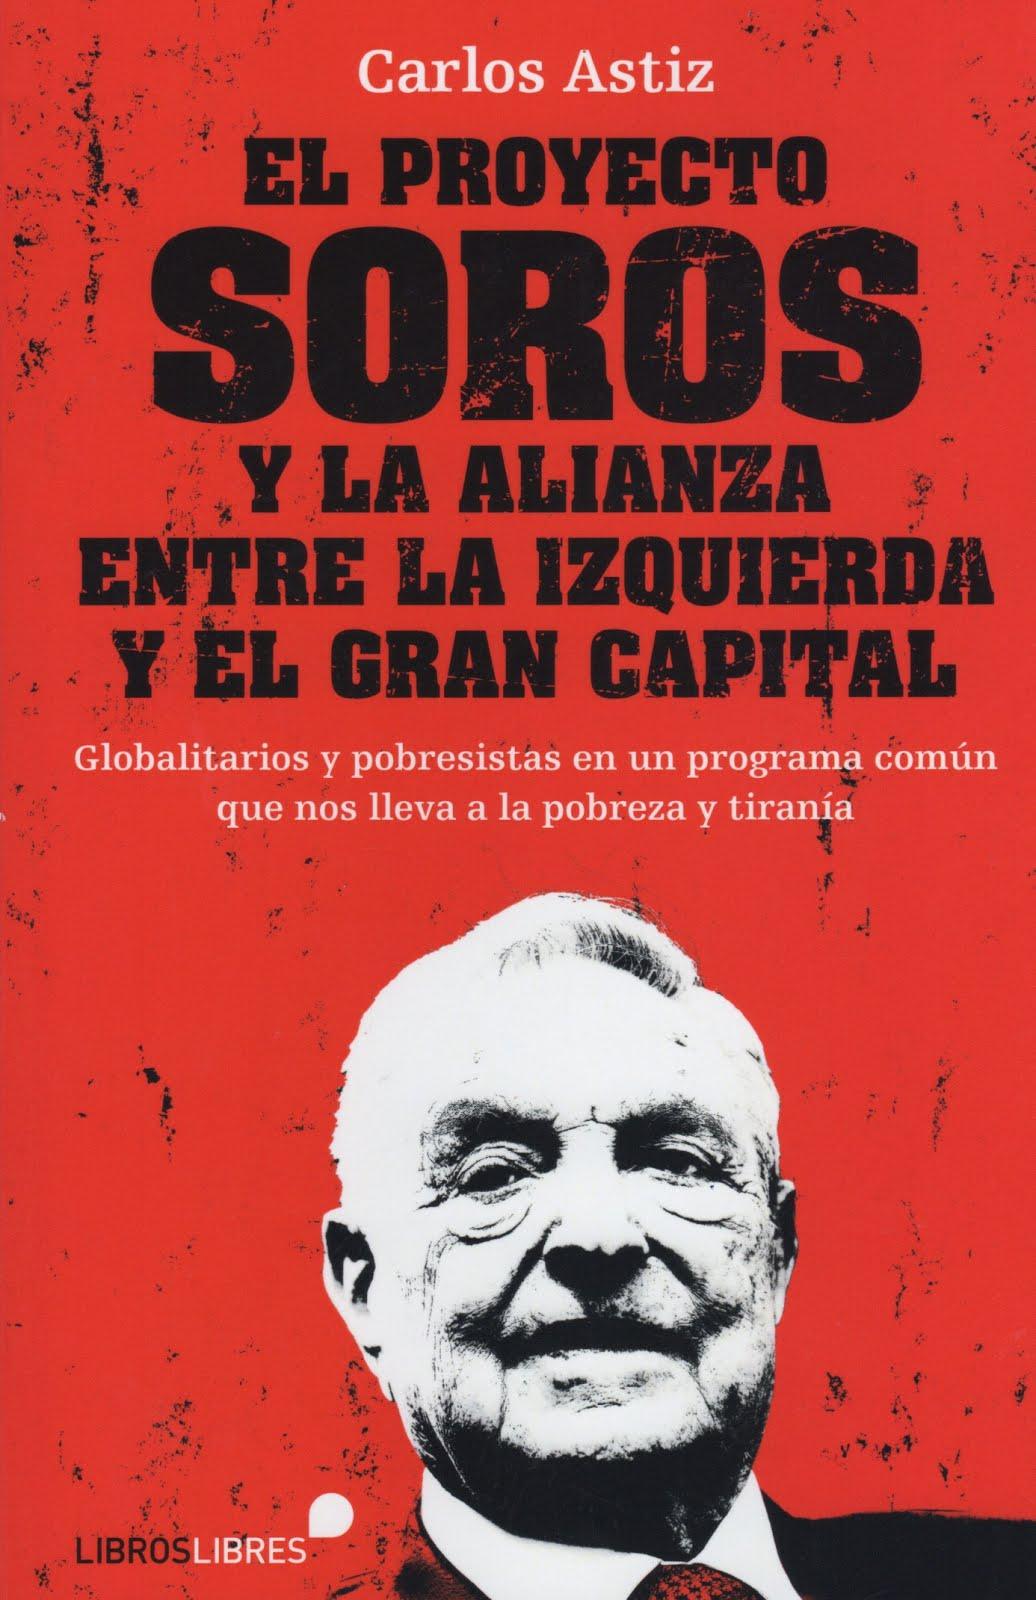 Carlos Astiz (El proyecto Soros) Y la alianza entre la izquierda y el gran capital. Globalitarios y